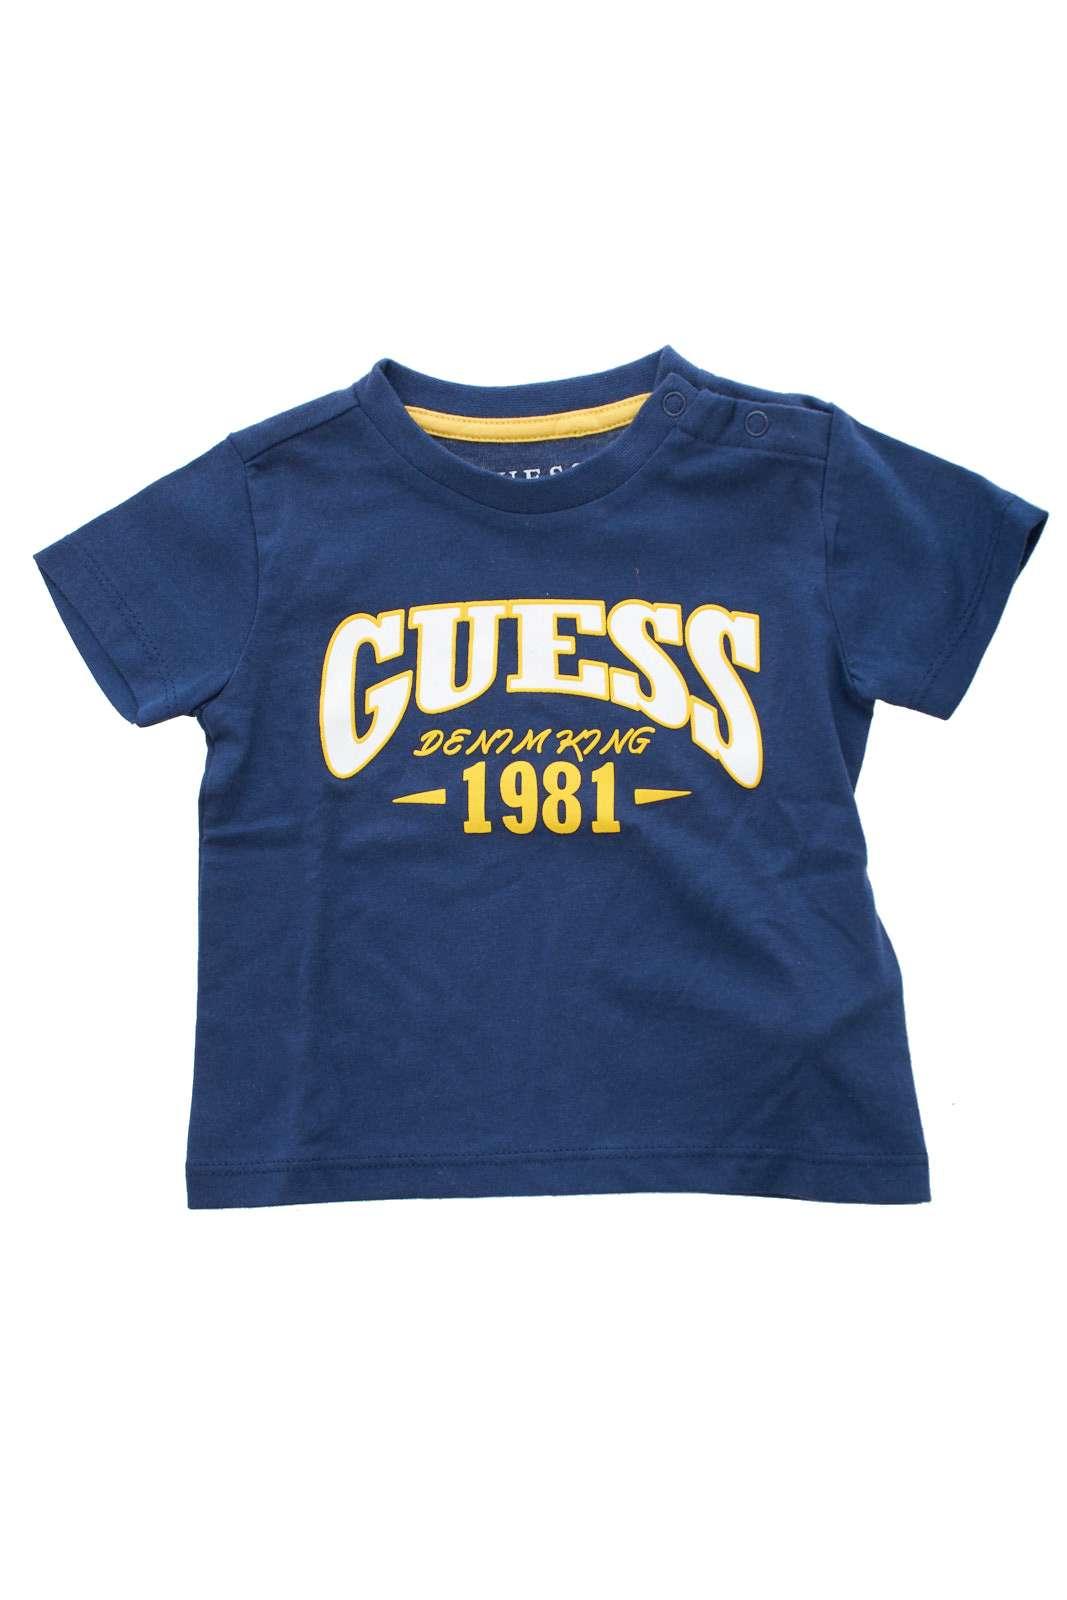 Una t-shirt sportiva e attuale firmata Guess.  Ideale per outfit sportivi e casual, per un look da tutti i giorni ricco di stile.